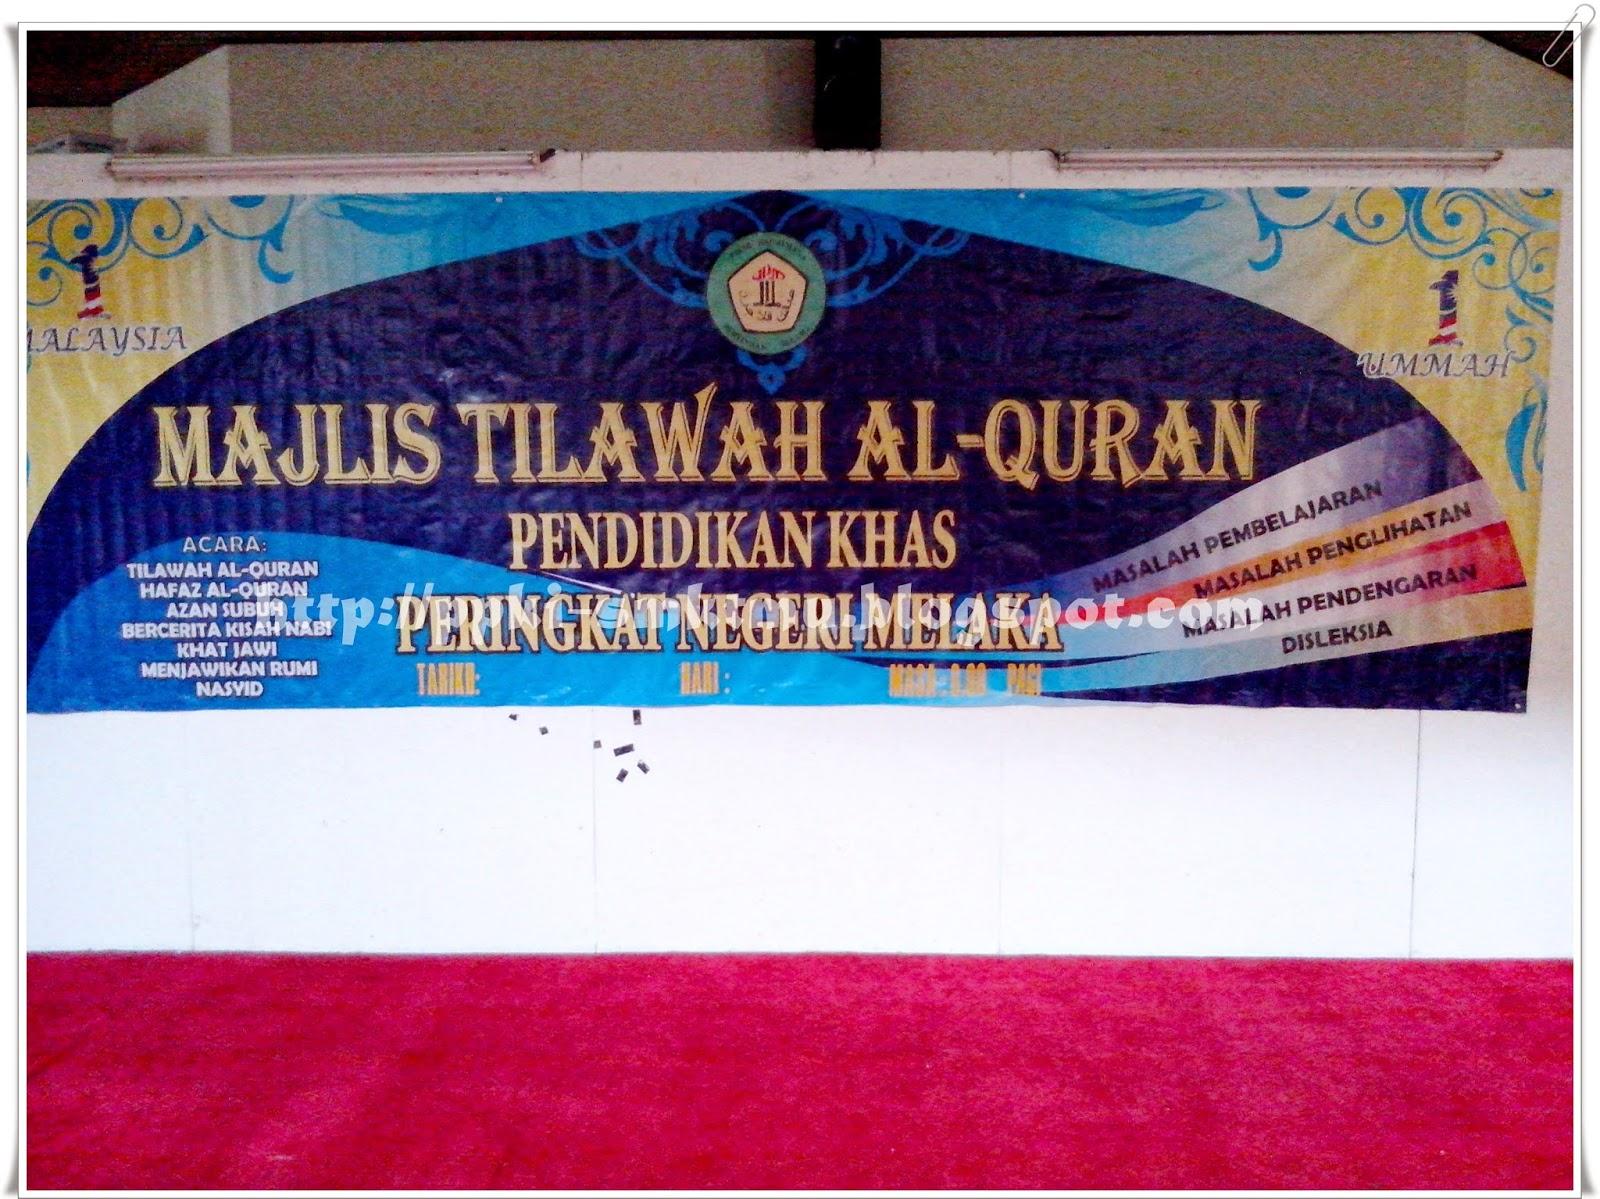 Pertandingan Bercerita Kisah Nabi Muhammad Bercerita Kisah Nabi